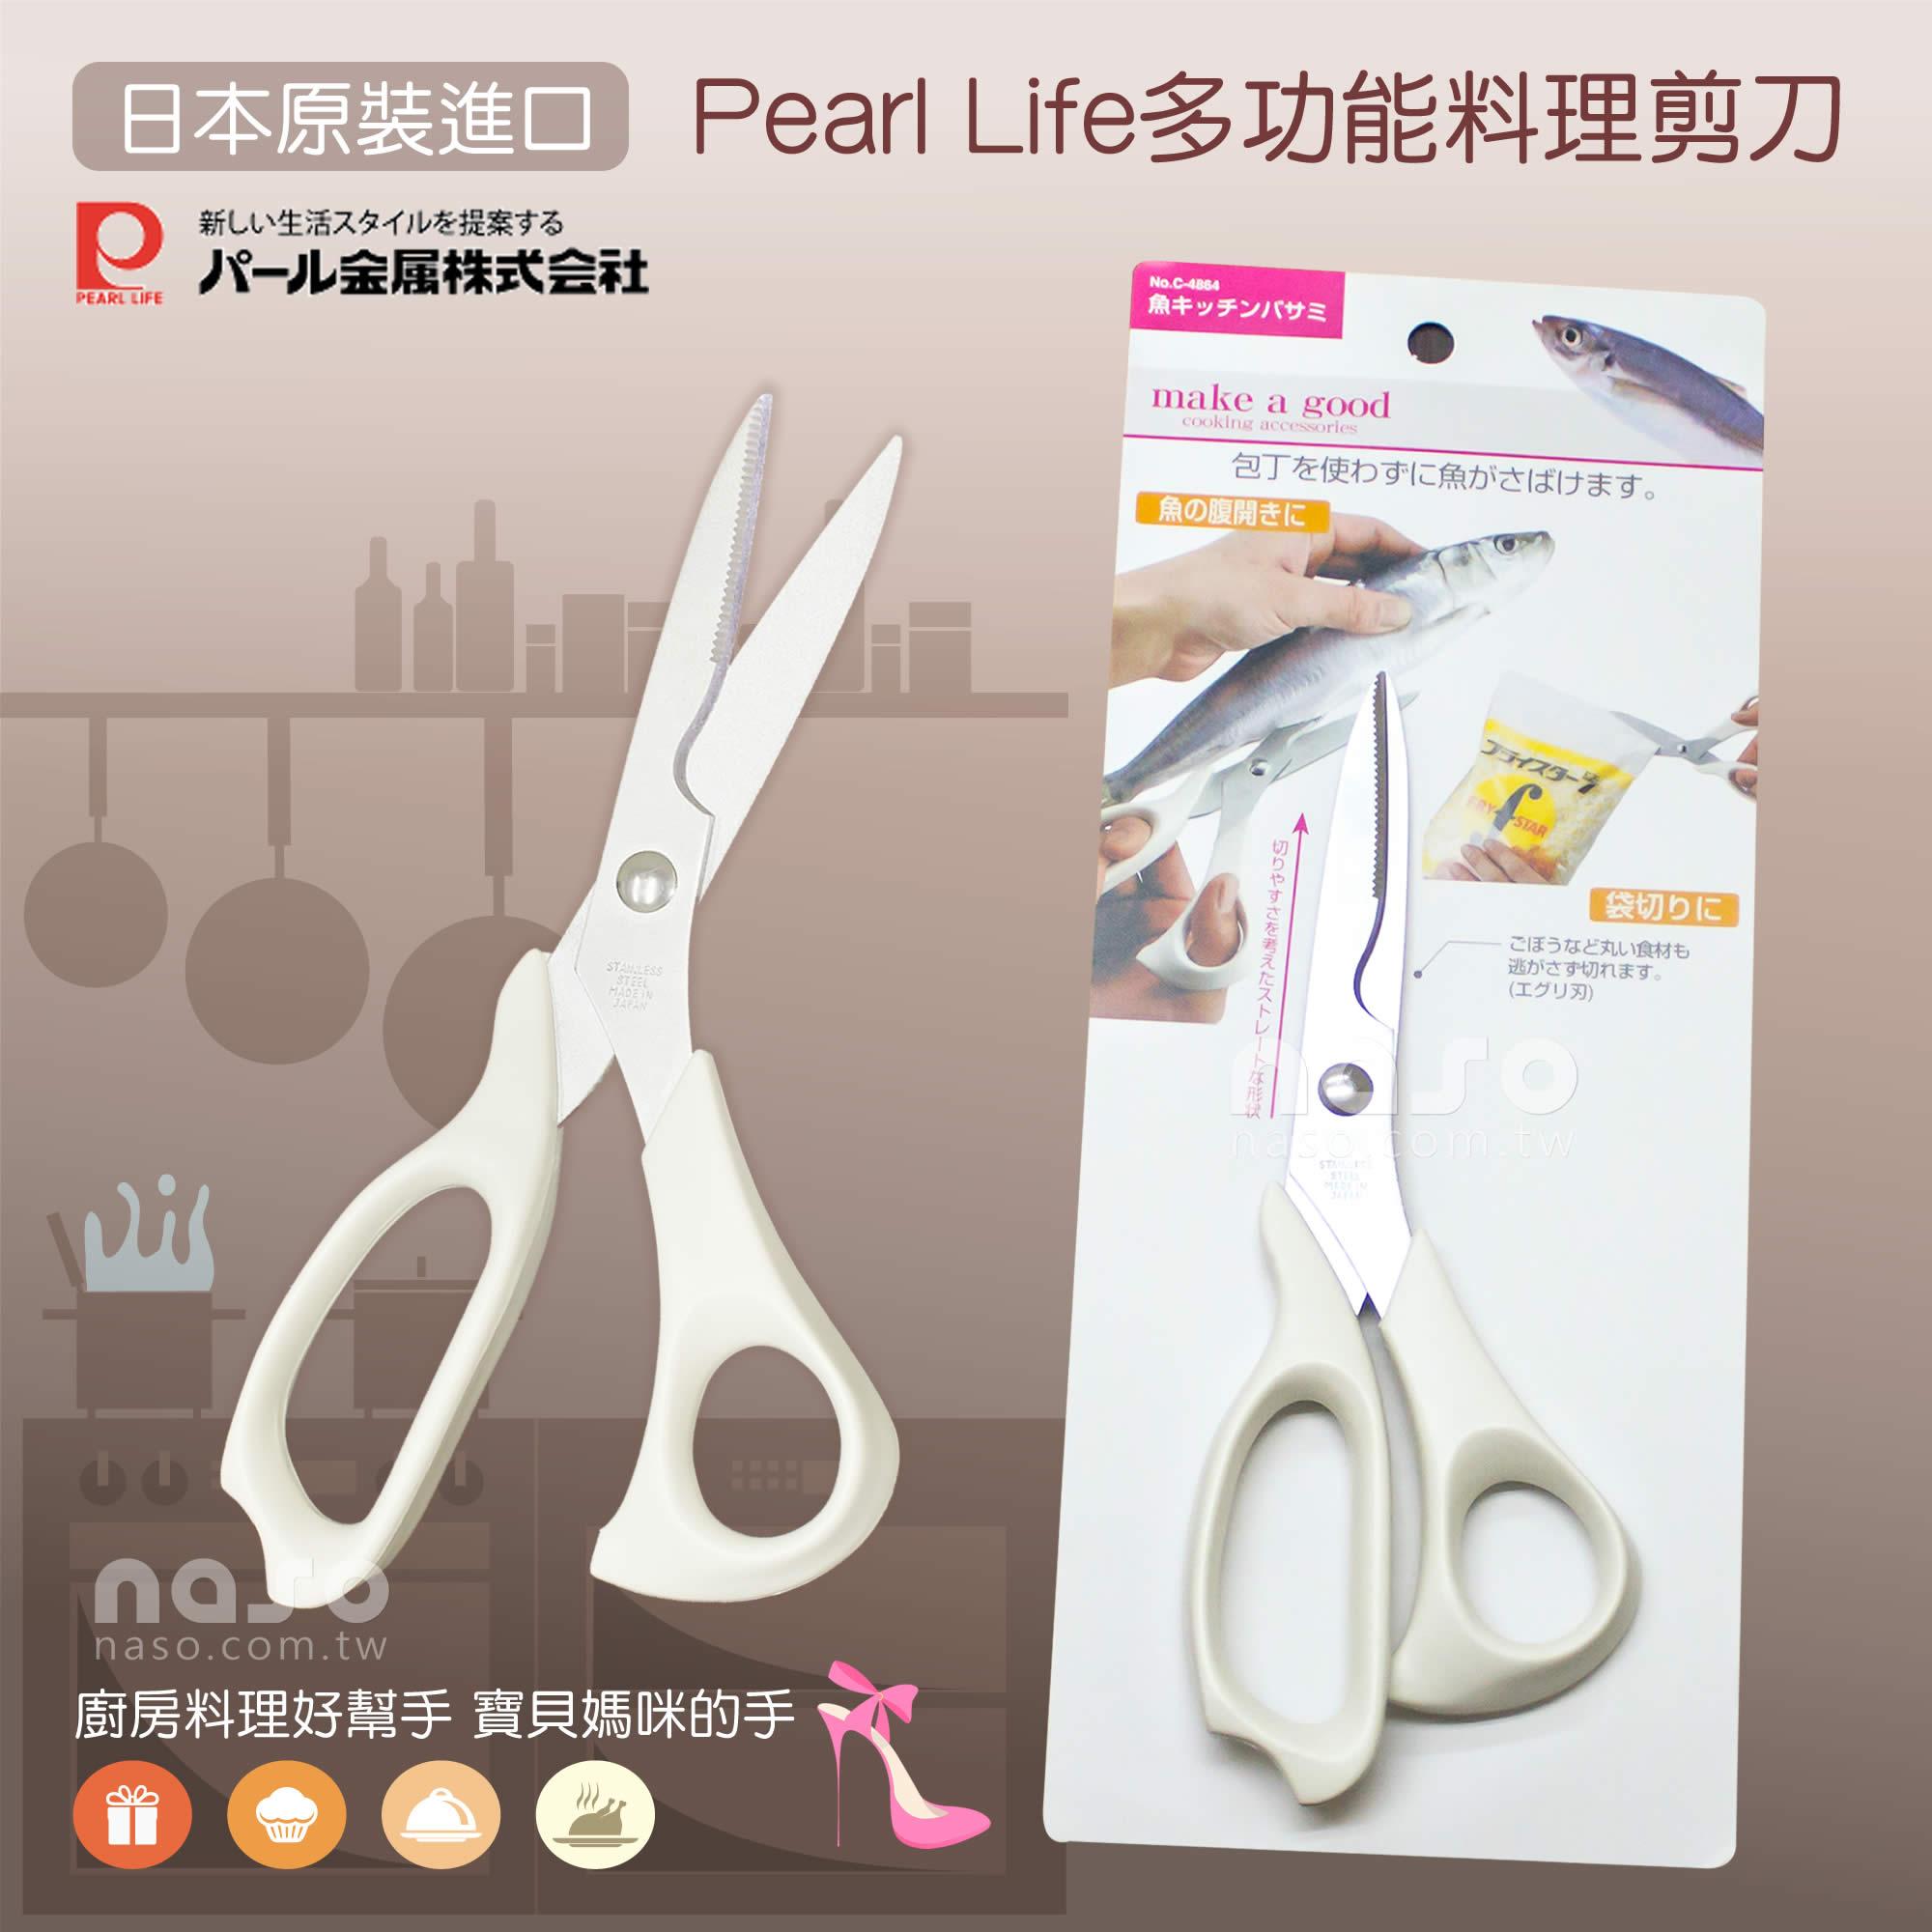 日本原裝進口Pearl Life多功能料理剪刀 好評第9團